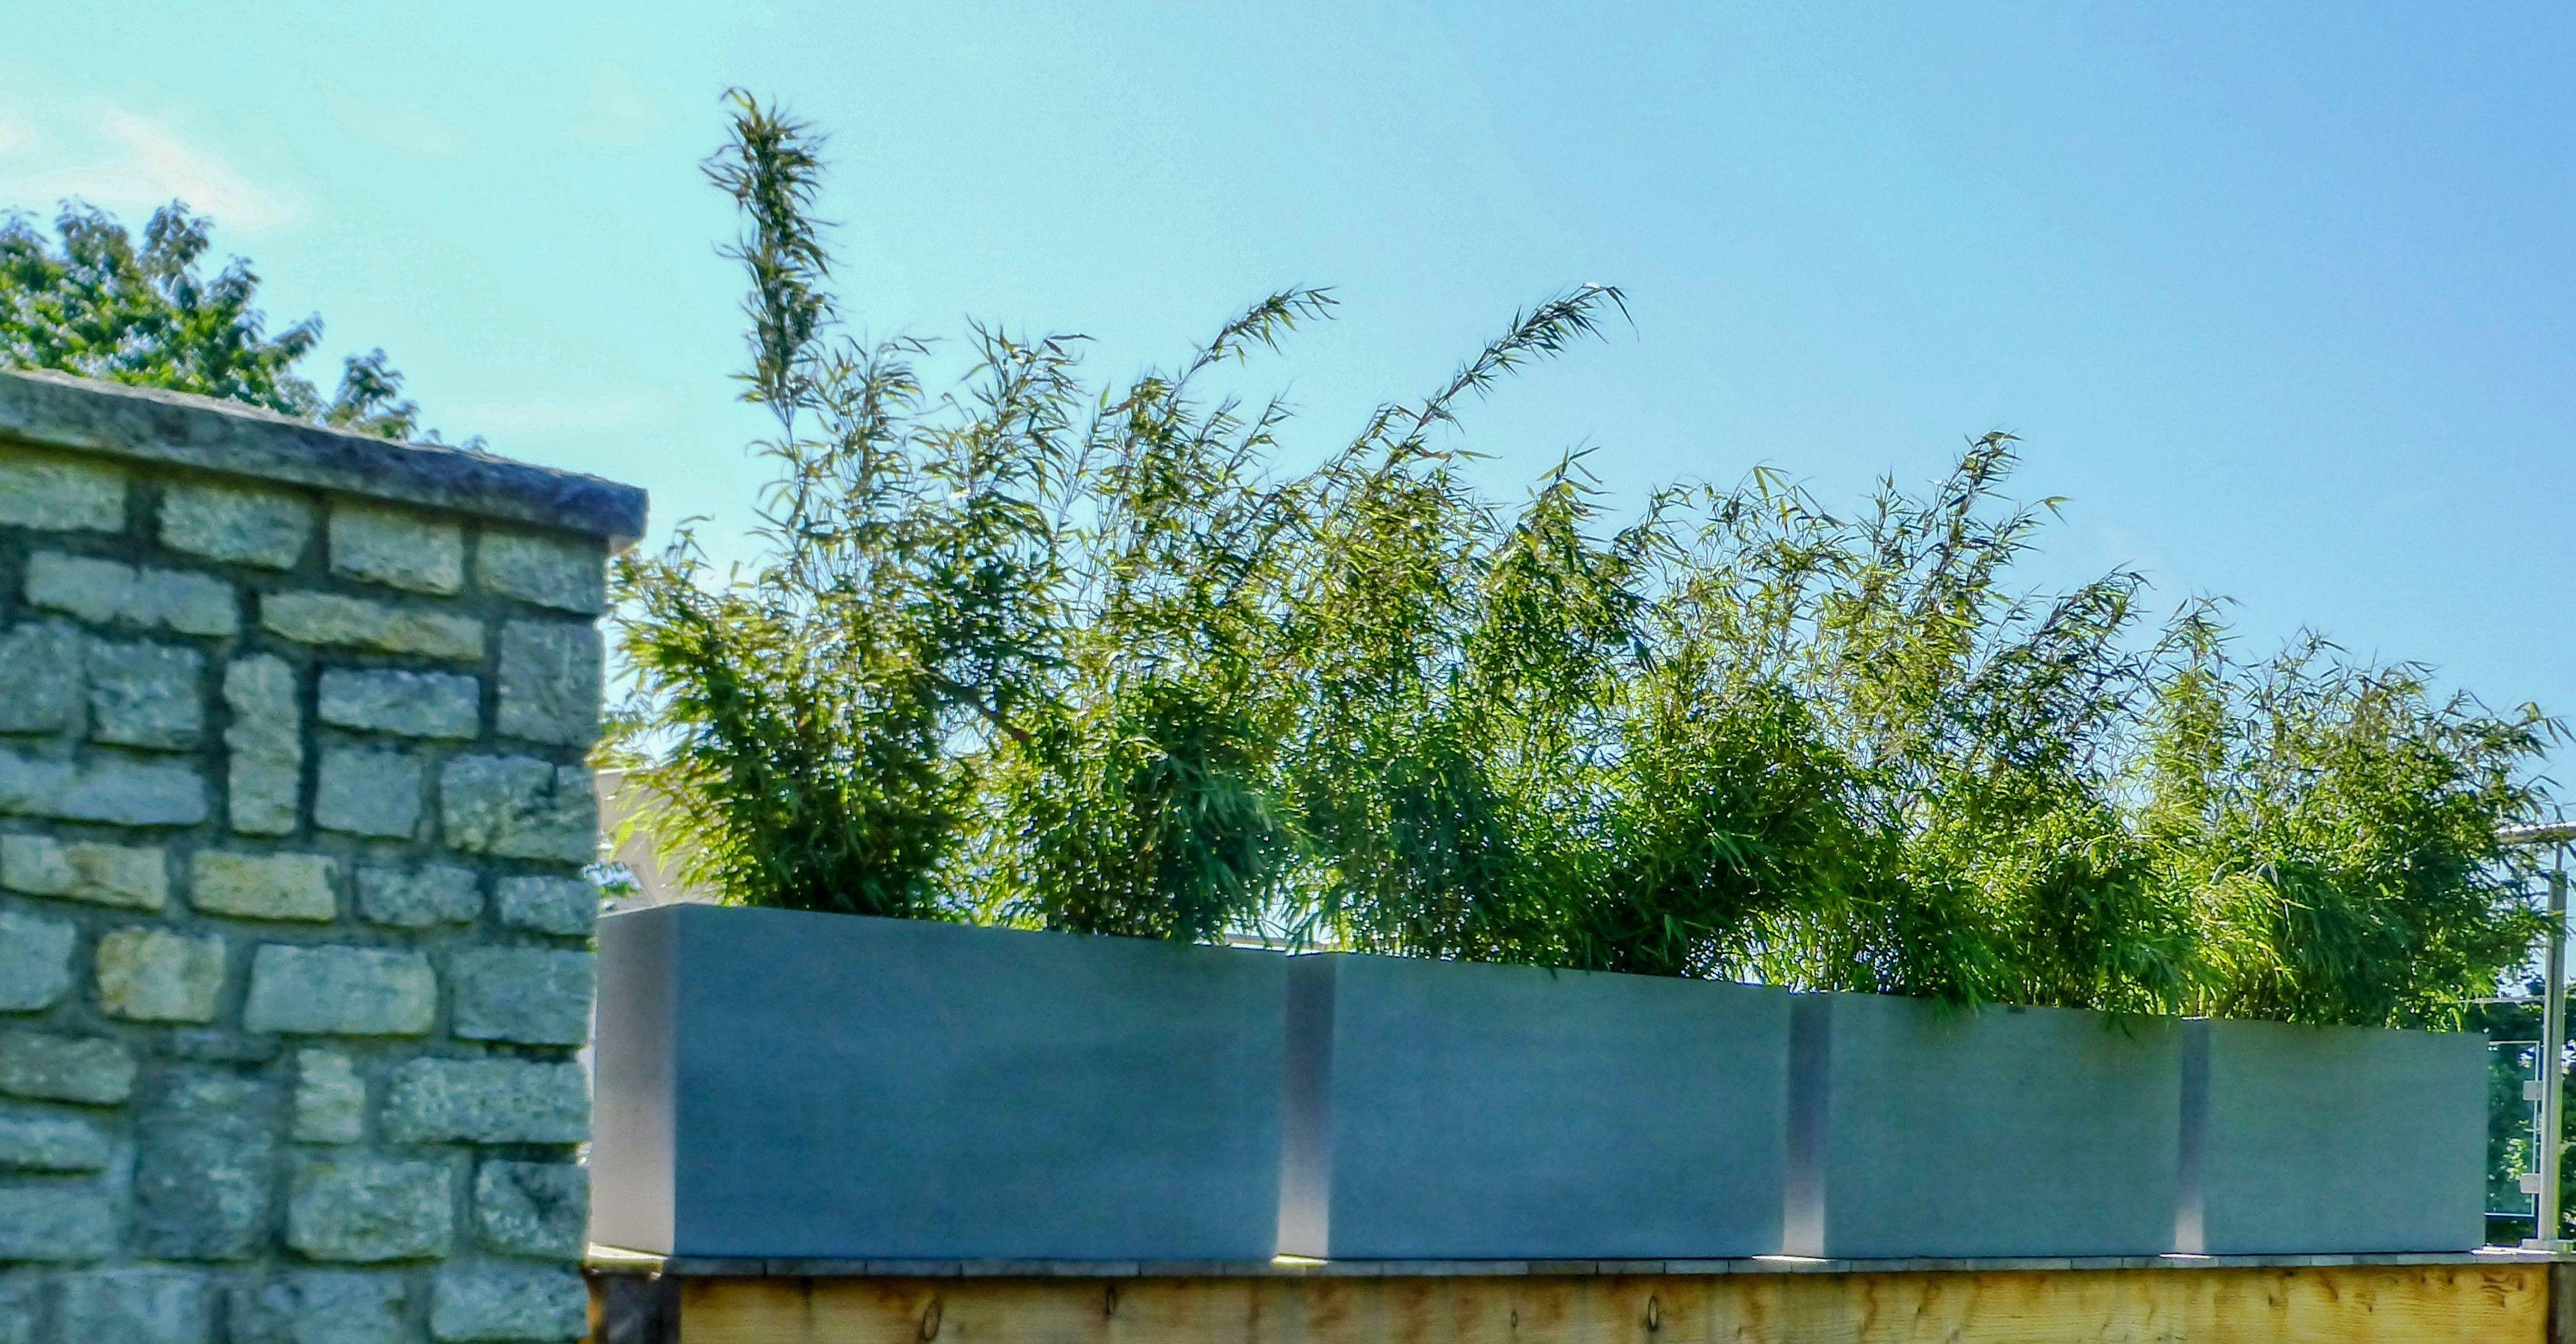 Arbuste Brise Vue Terrasse une rangée d'arbustes en tant que brise-vues   brise vue